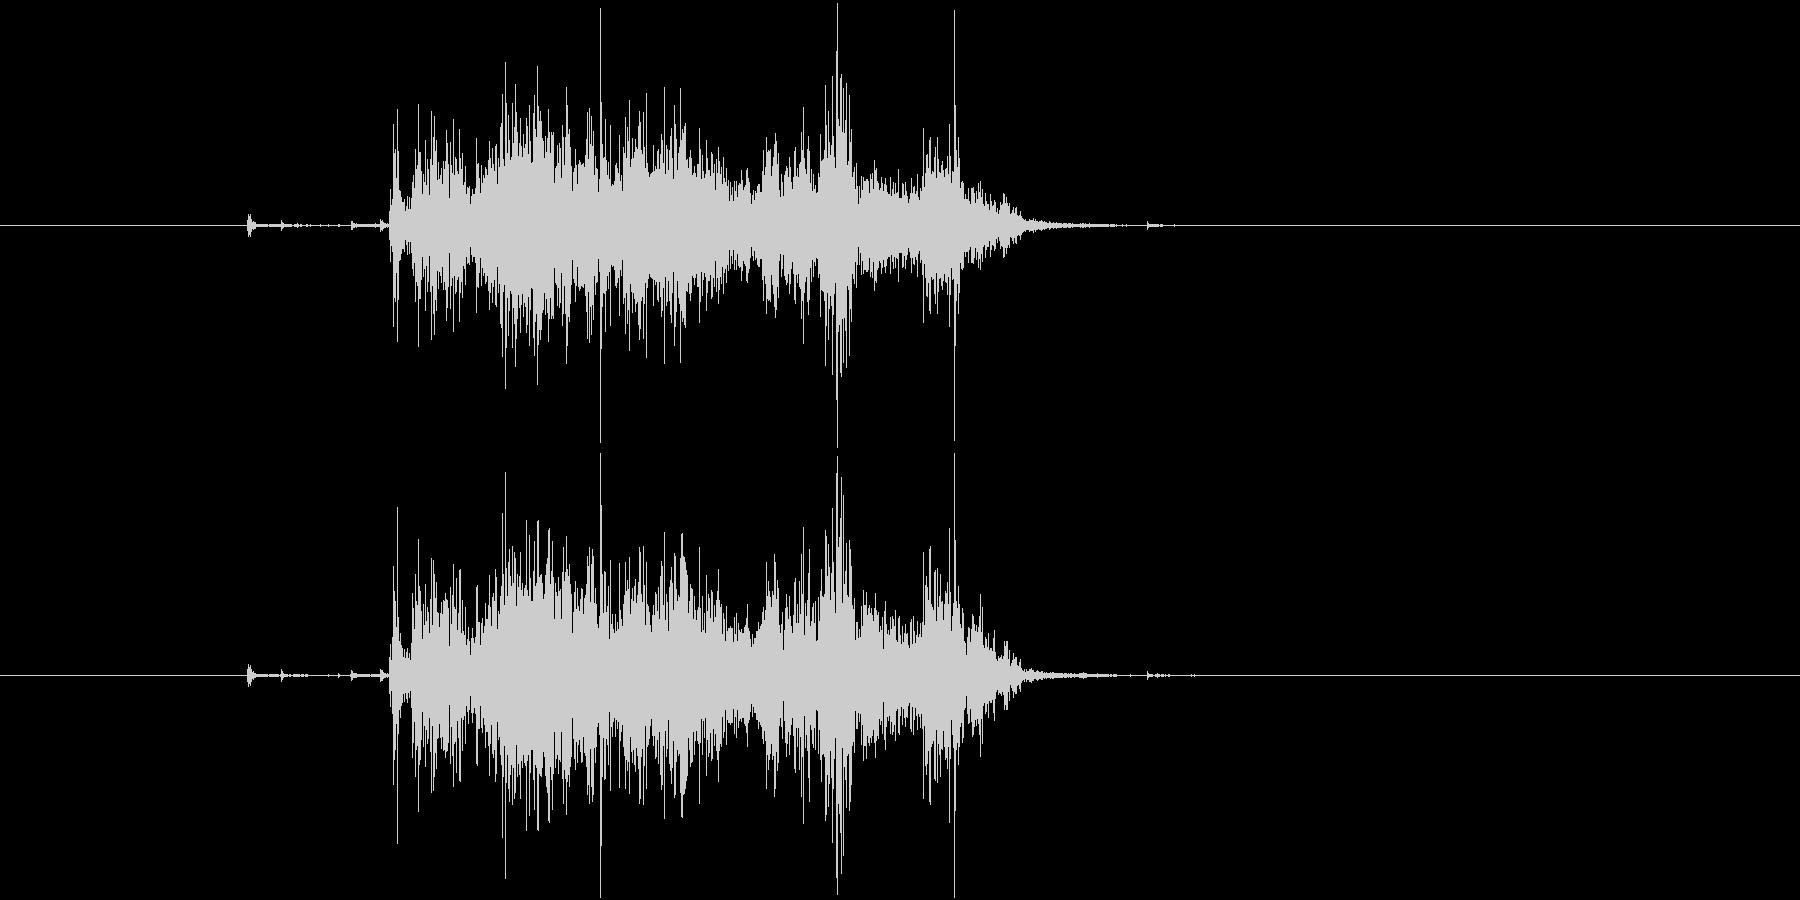 【生録音】Paper 紙を破く音の未再生の波形